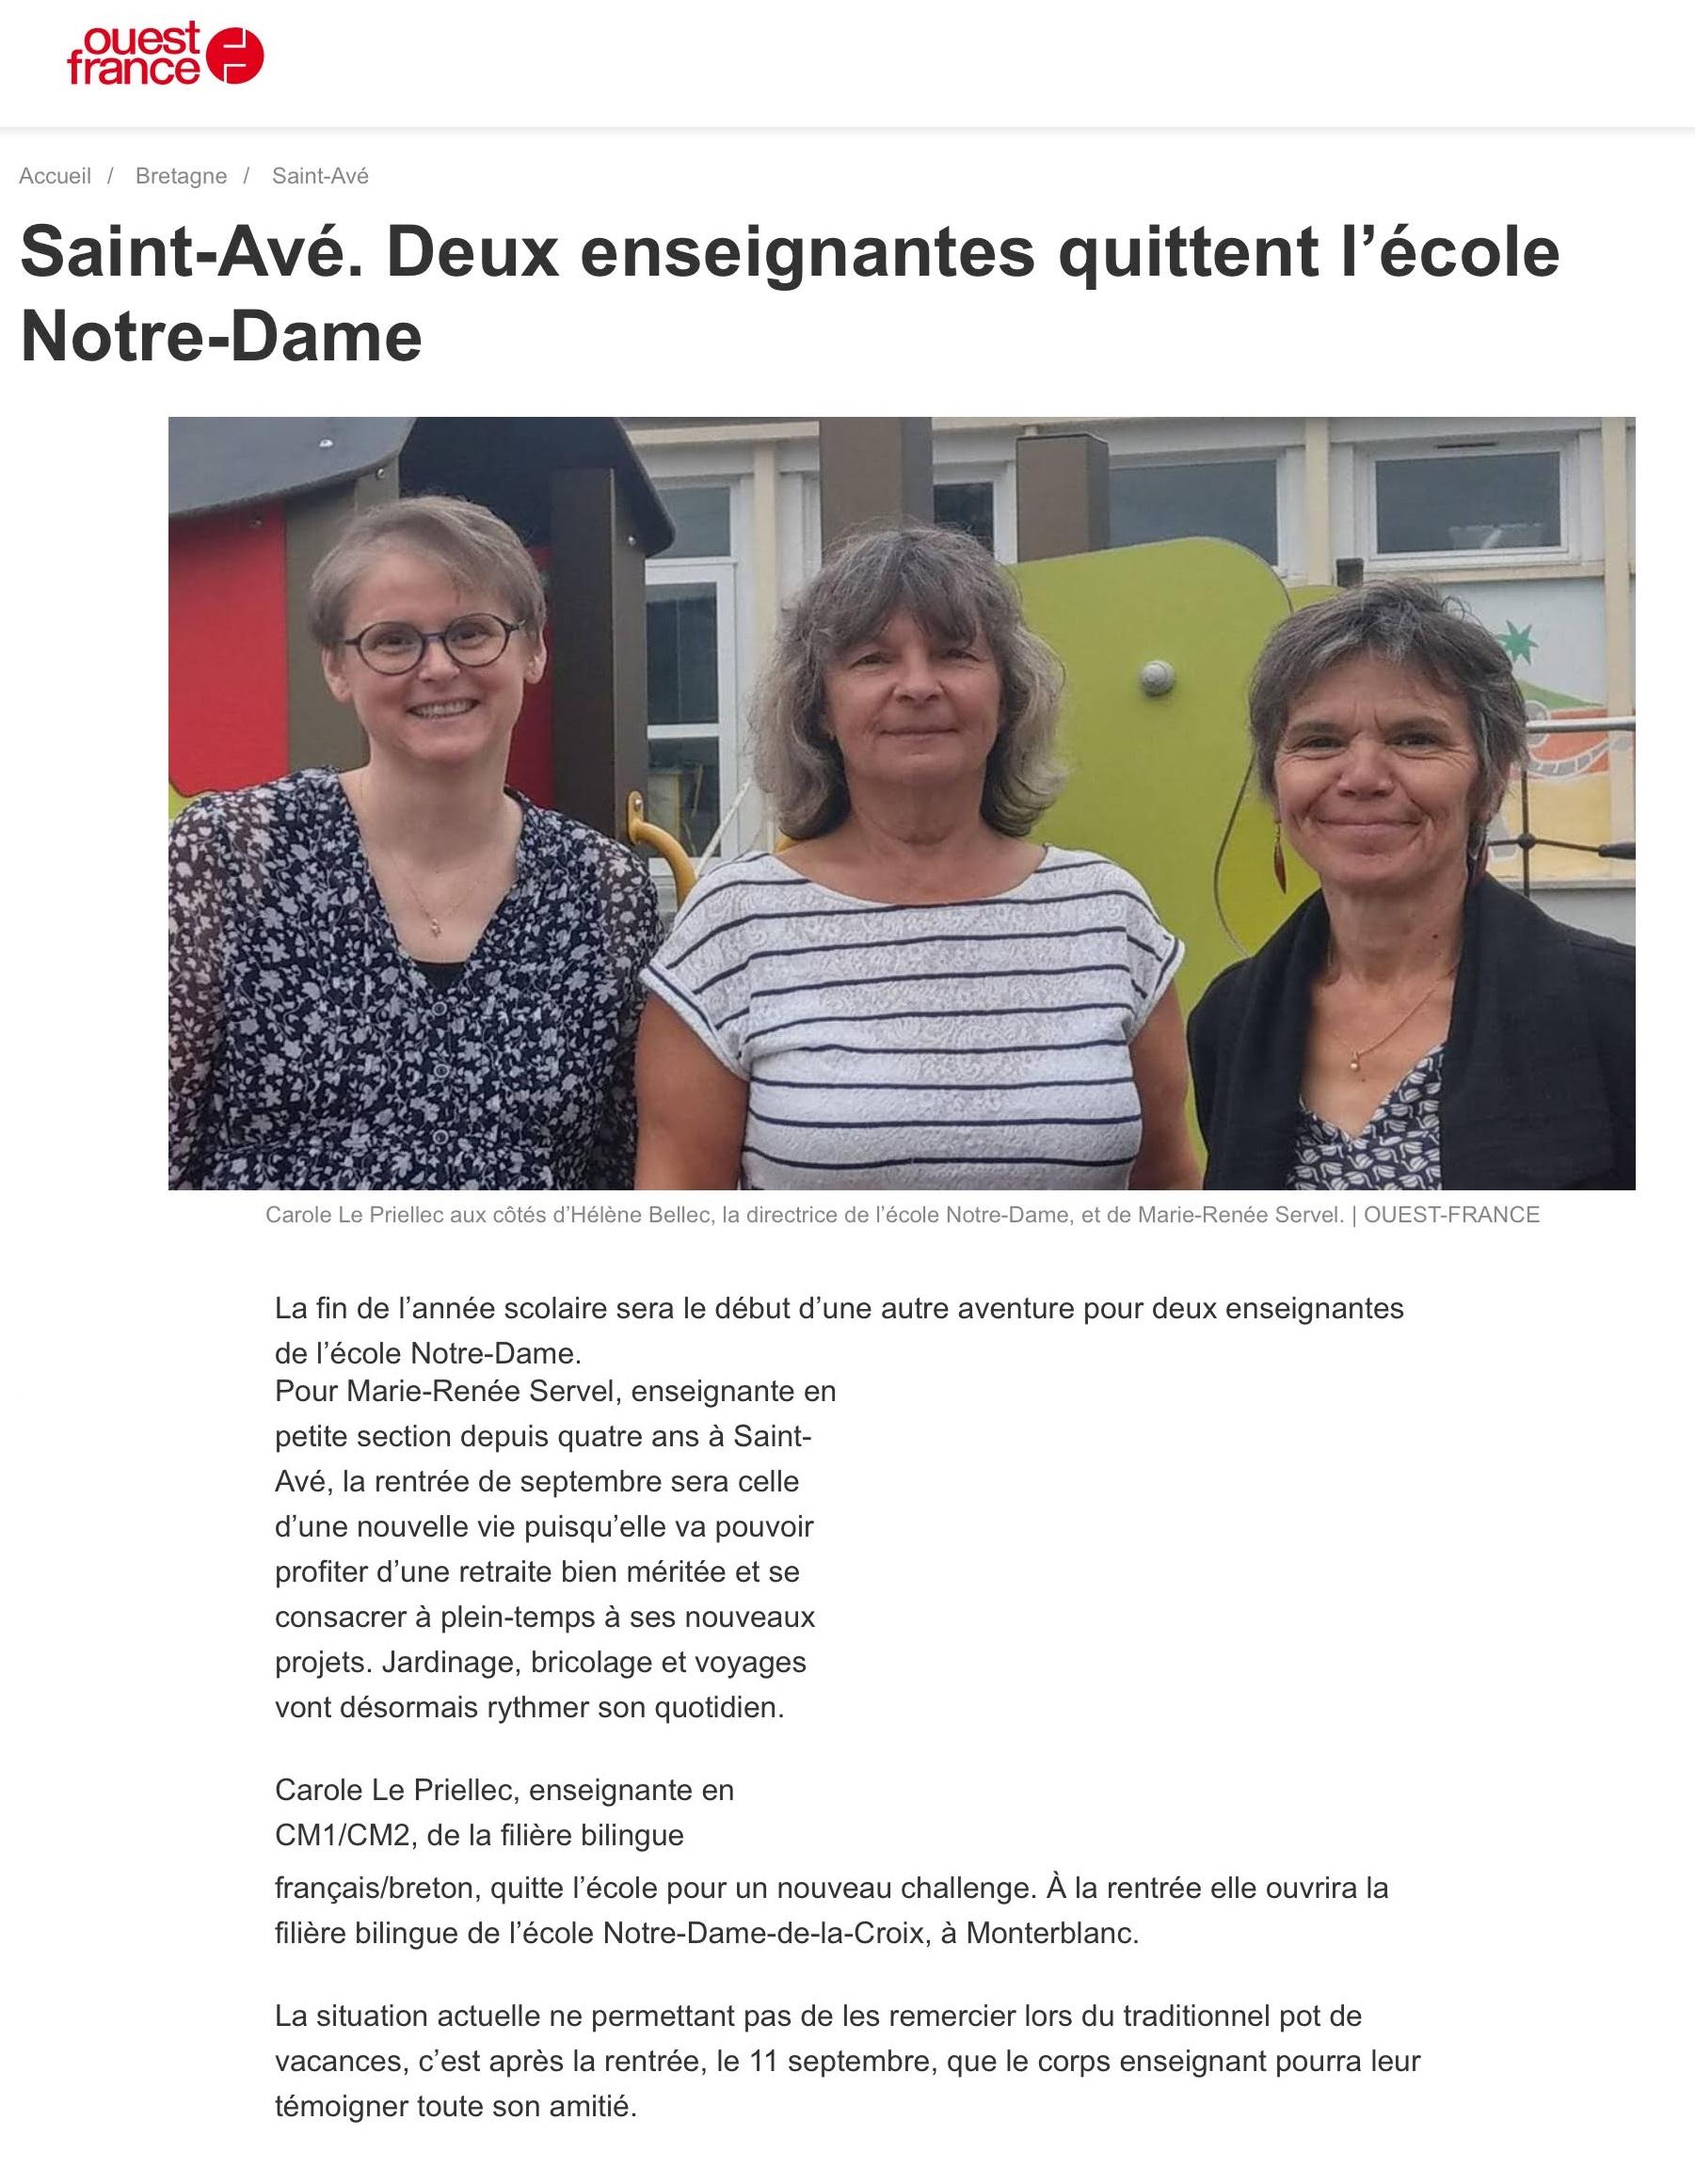 Deux enseignantes quittent l'école Notre-Dame